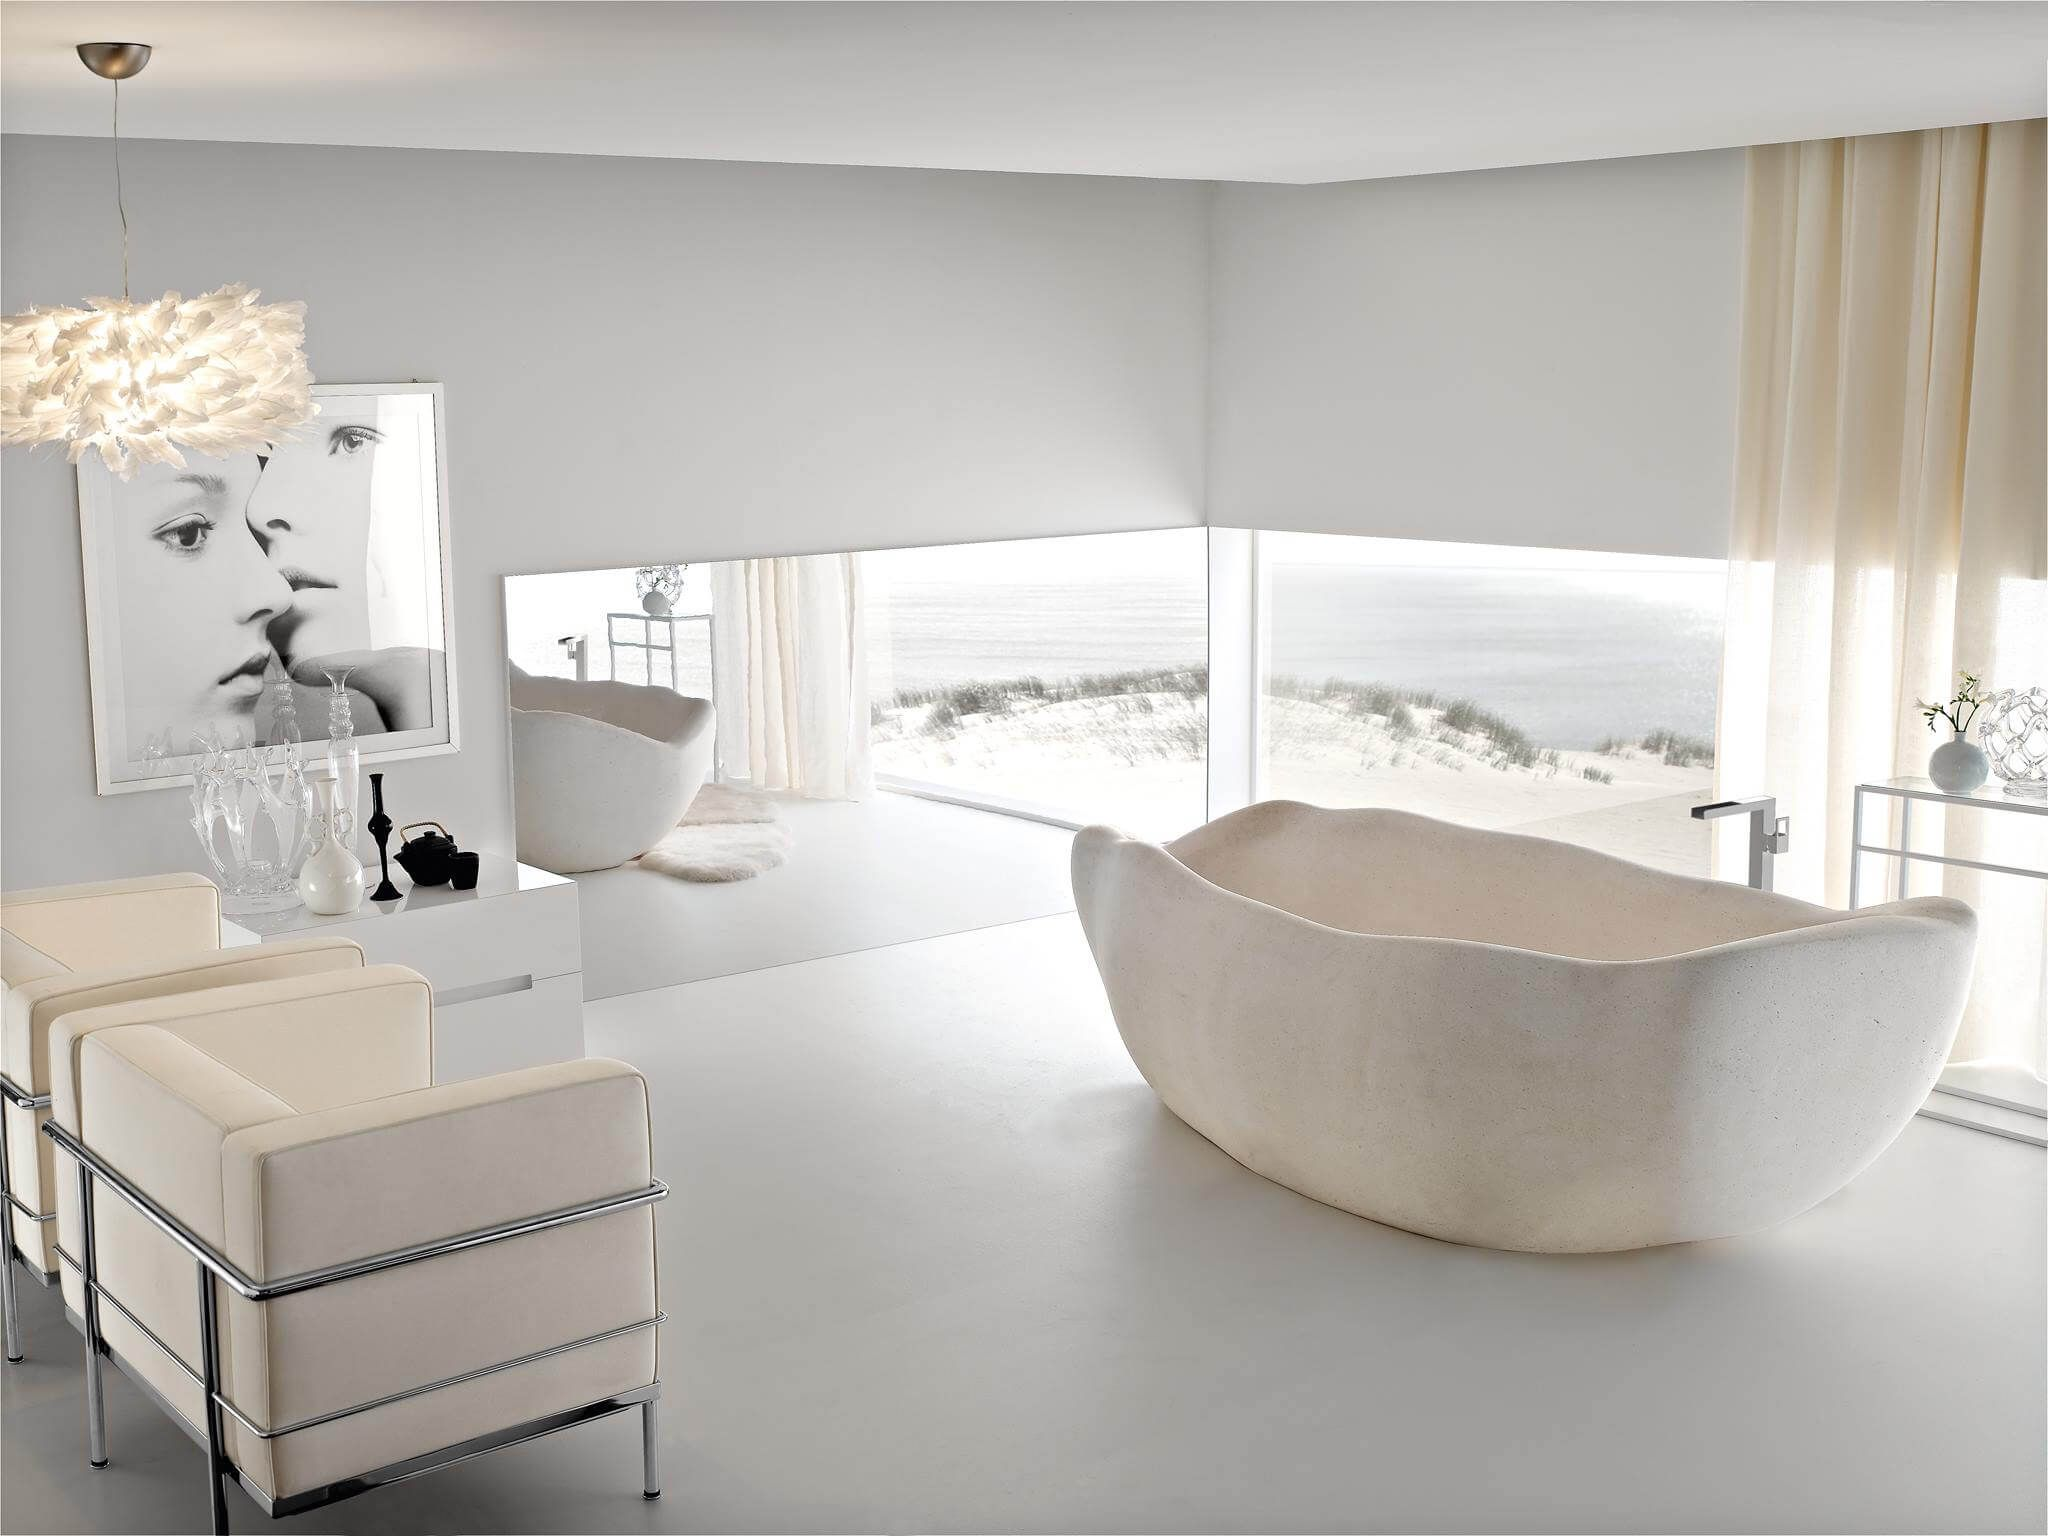 Badezimmer mit 2 waschtischen mehr erfahren zum luxus badezimmer design mit ganz viel raum